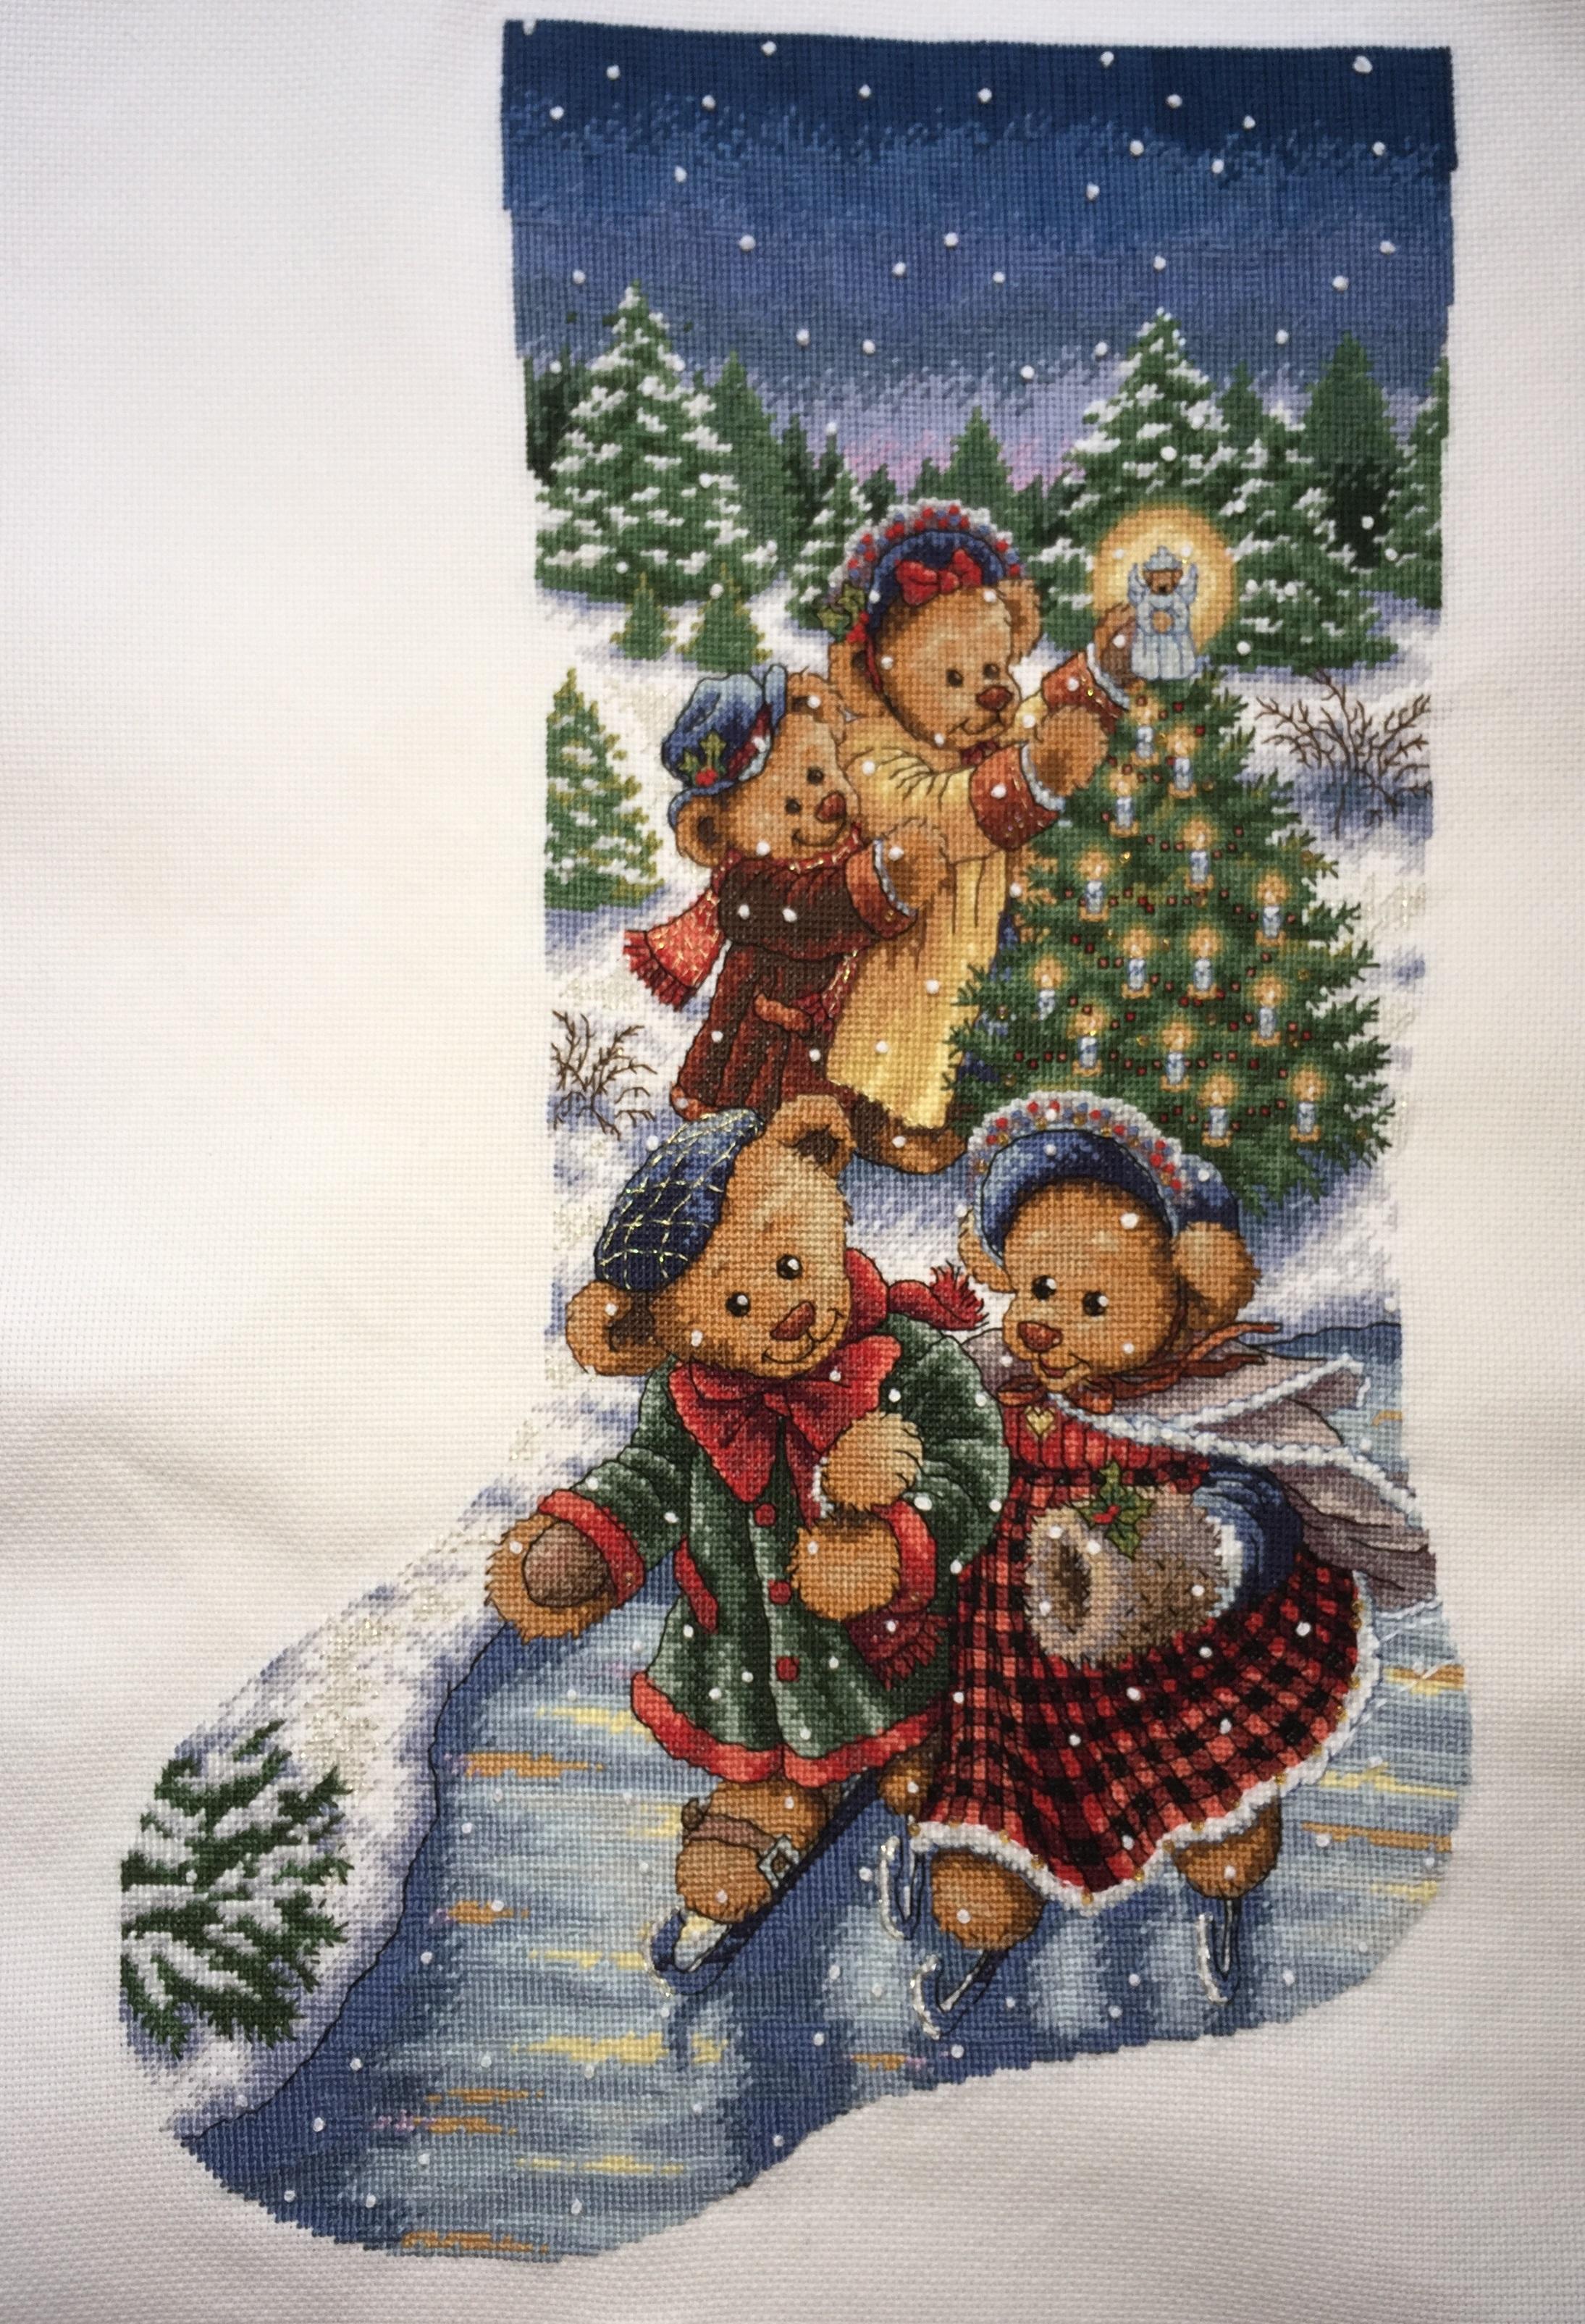 Отшив по набору для вышивания. Victorian Bears Stocking. Викторианские мишки. Сапожок. Артикул 8753